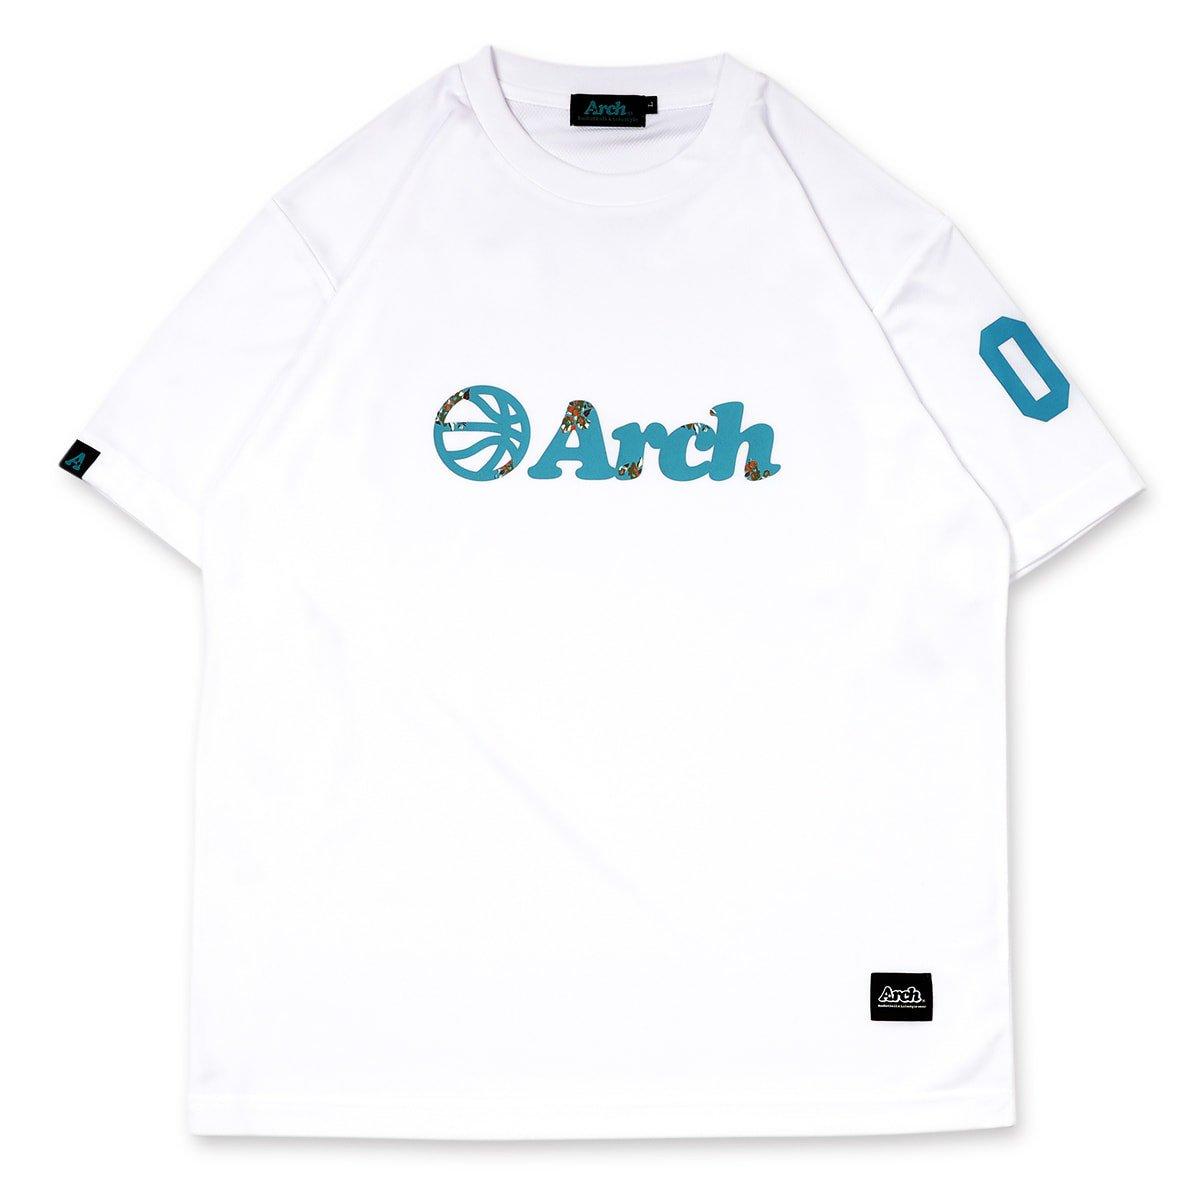 バスケ アーチ フローラルボールロゴ Tシャツ ホワイト/ナイルブルー